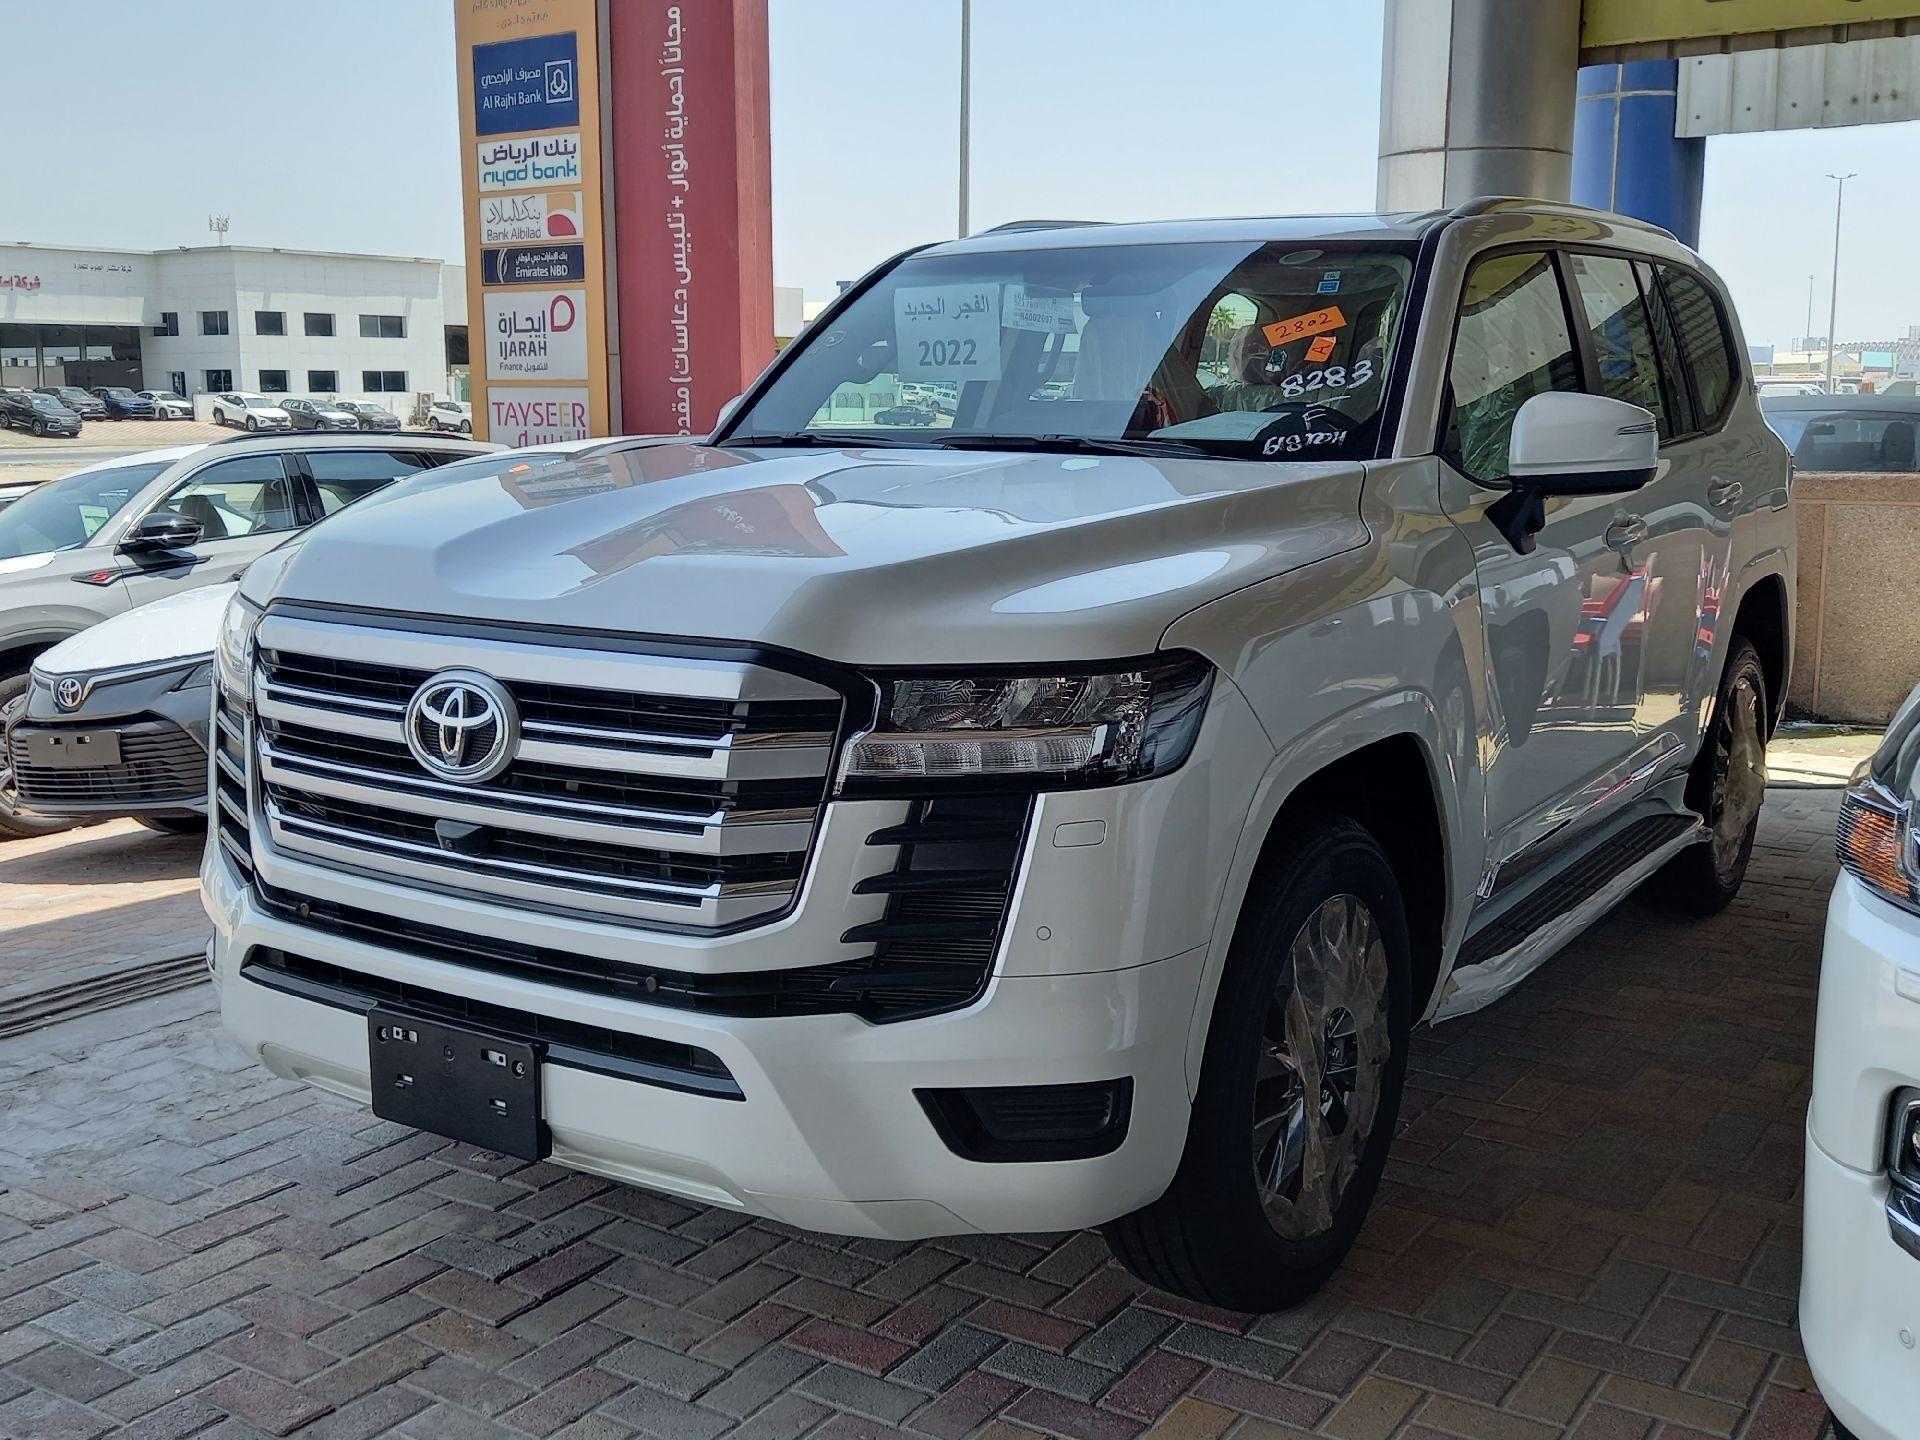 تويوتا لاندكروزر GXR3 فل  2022 دبل سعودي جديد للبيع في الدمام - السعودية - صورة كبيرة - 4